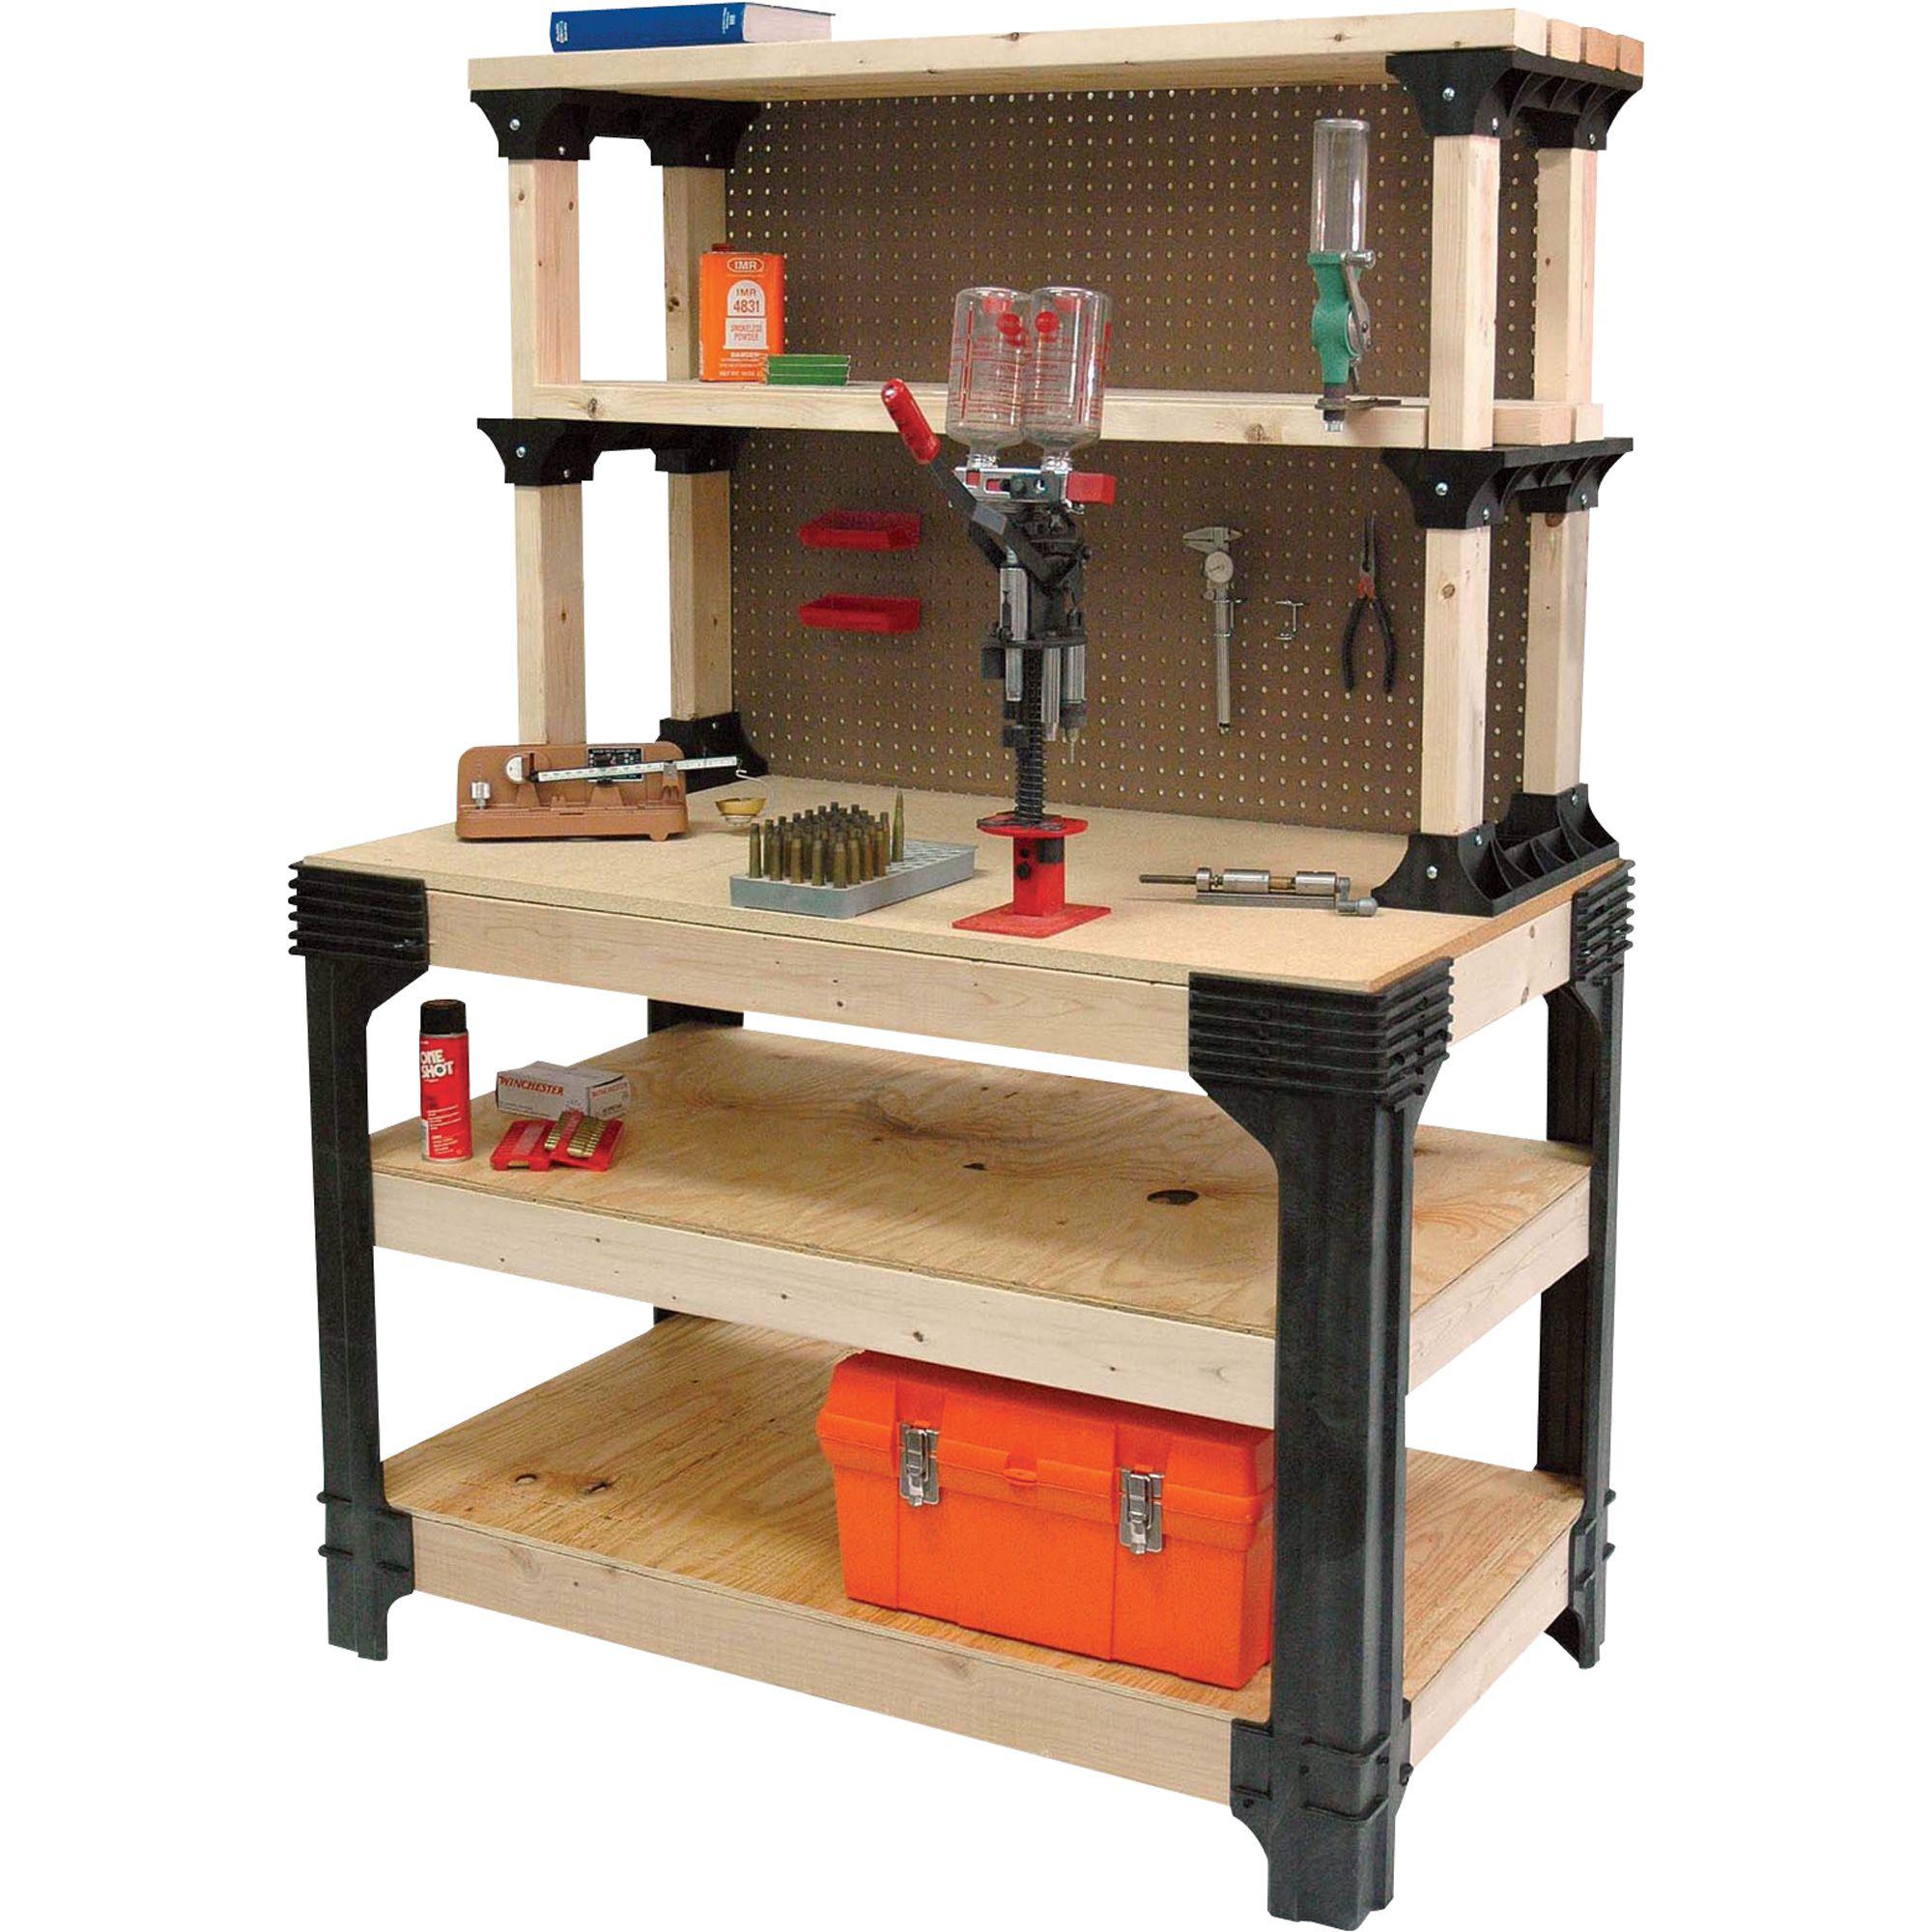 2x4 Basics AnySize Workbench Kit With ShelfLinks Model